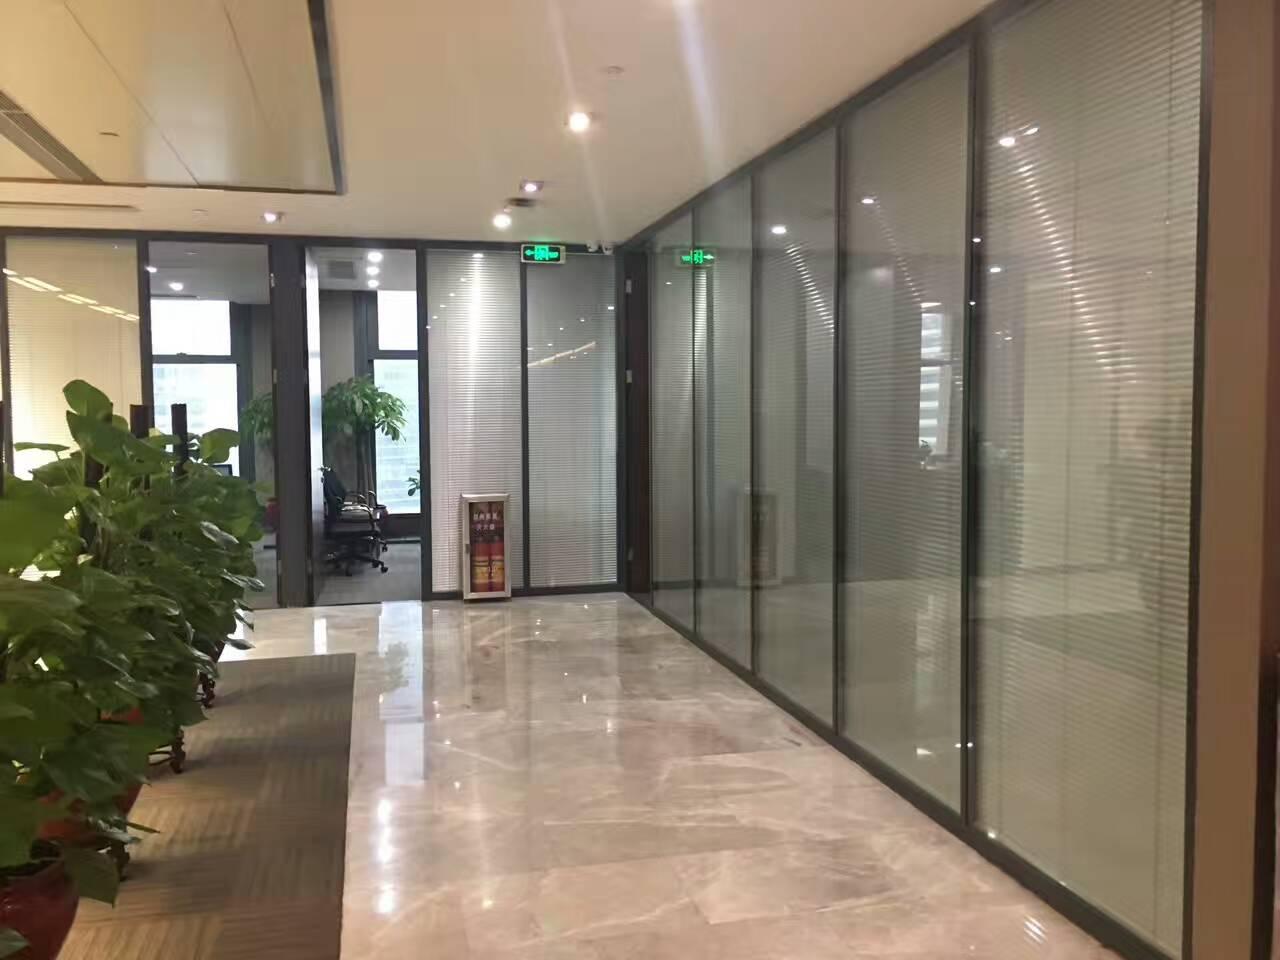 咸阳铝合金成品玻璃隔断 双层玻璃隔断墙系统